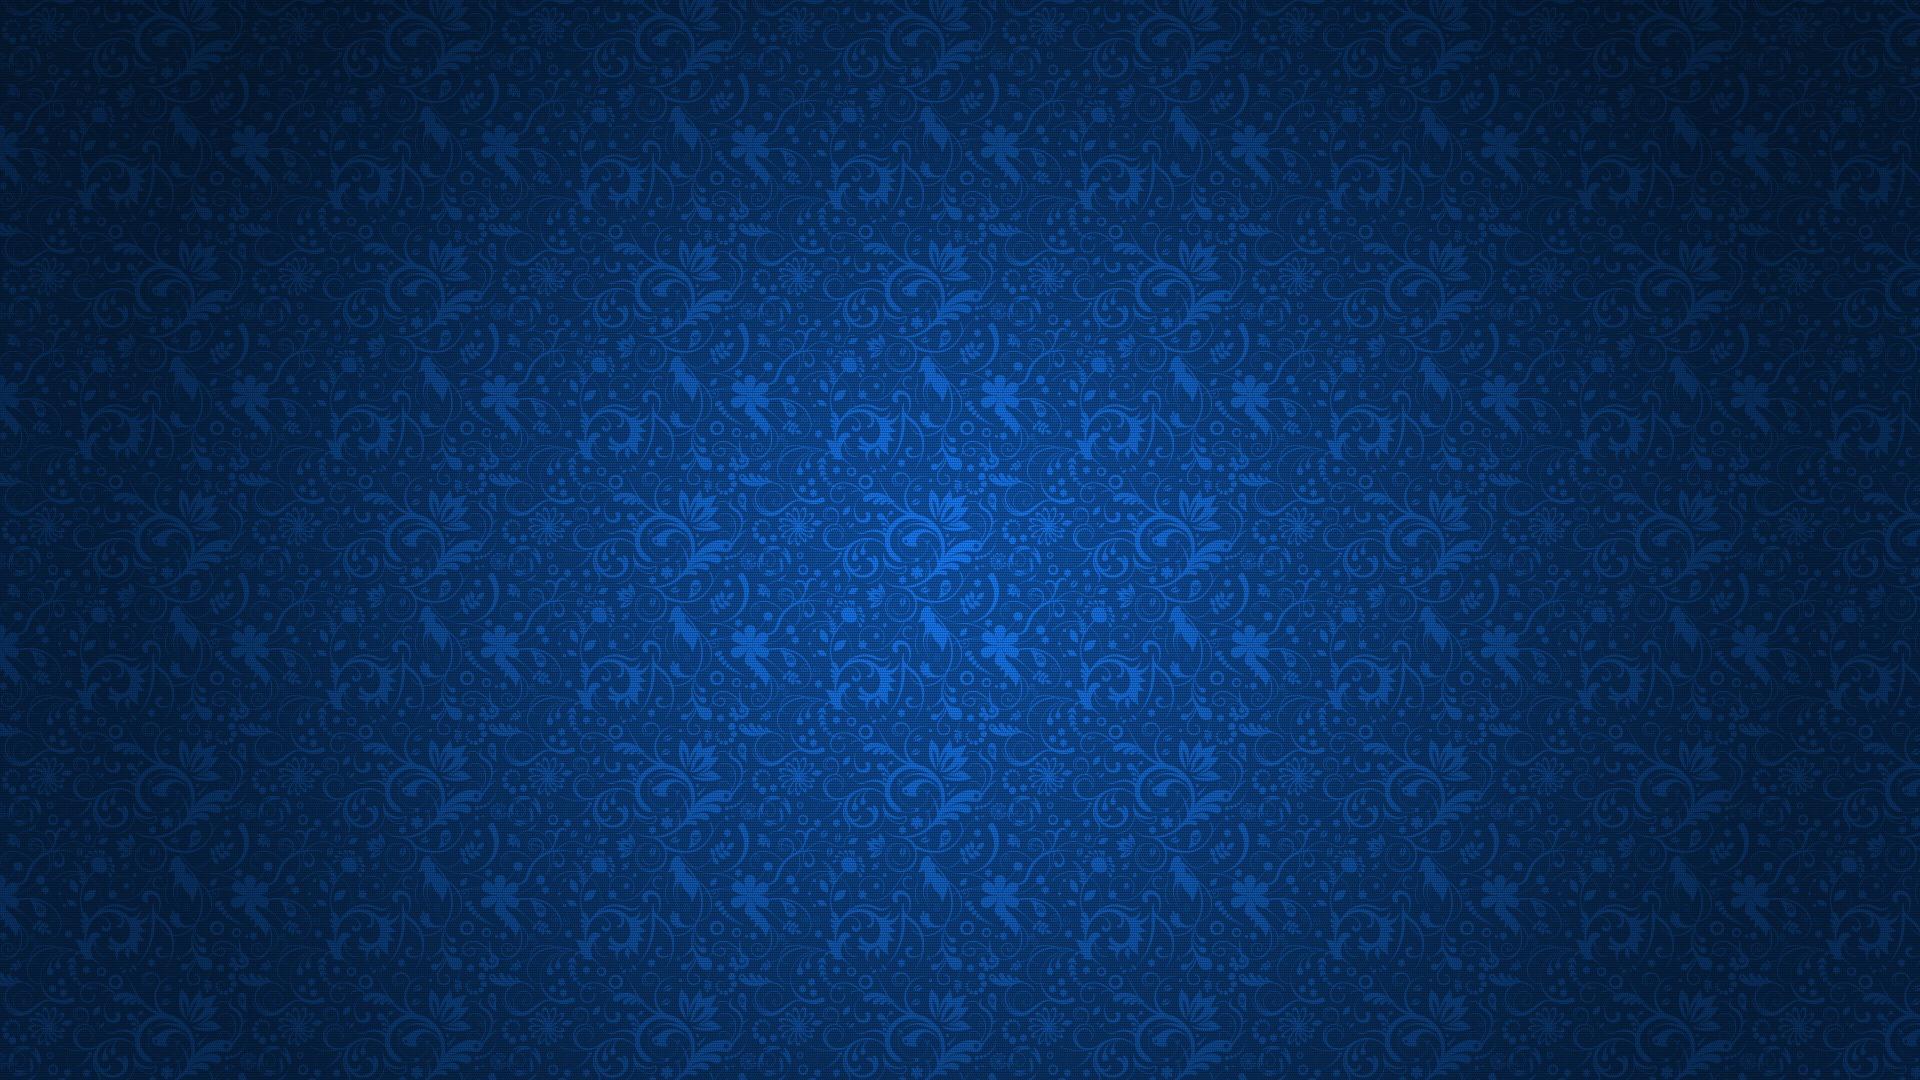 明るい色の背景壁紙 24 9 19x1080 壁紙ダウンロード 明るい色の背景壁紙 24 デザイン 壁紙 V3の壁紙